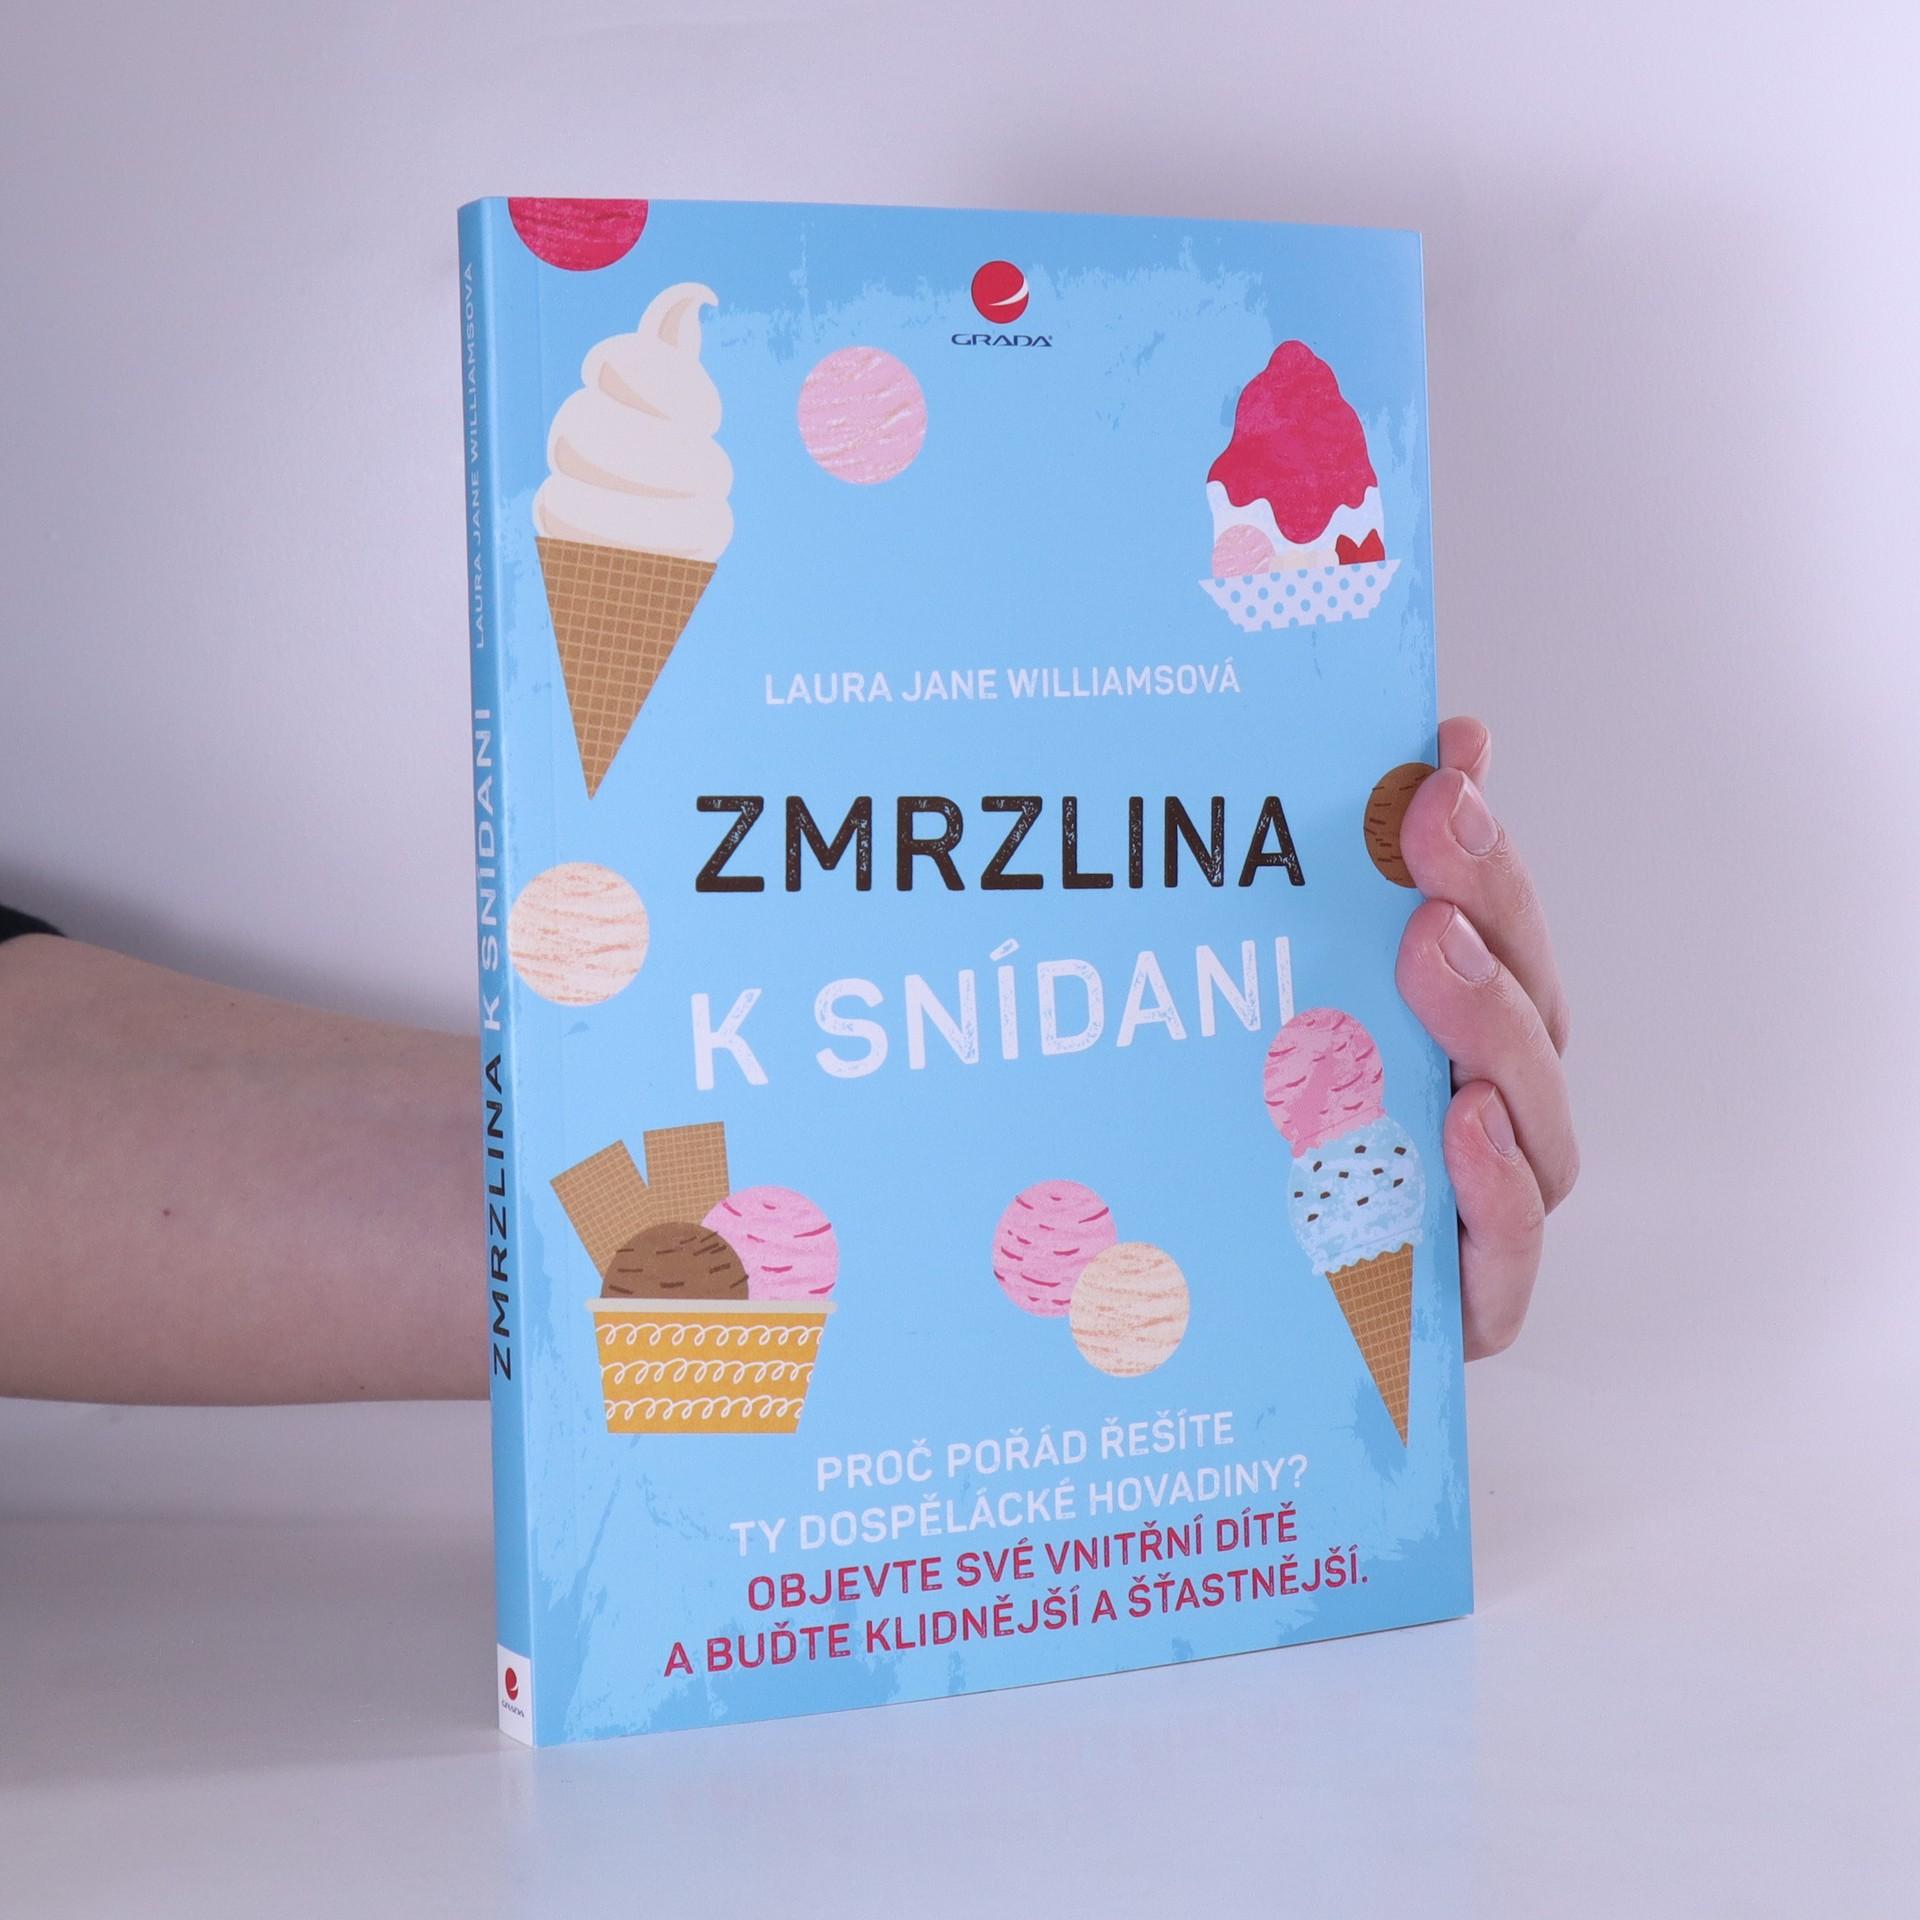 antikvární kniha Zmrzlina k snídani, 2020